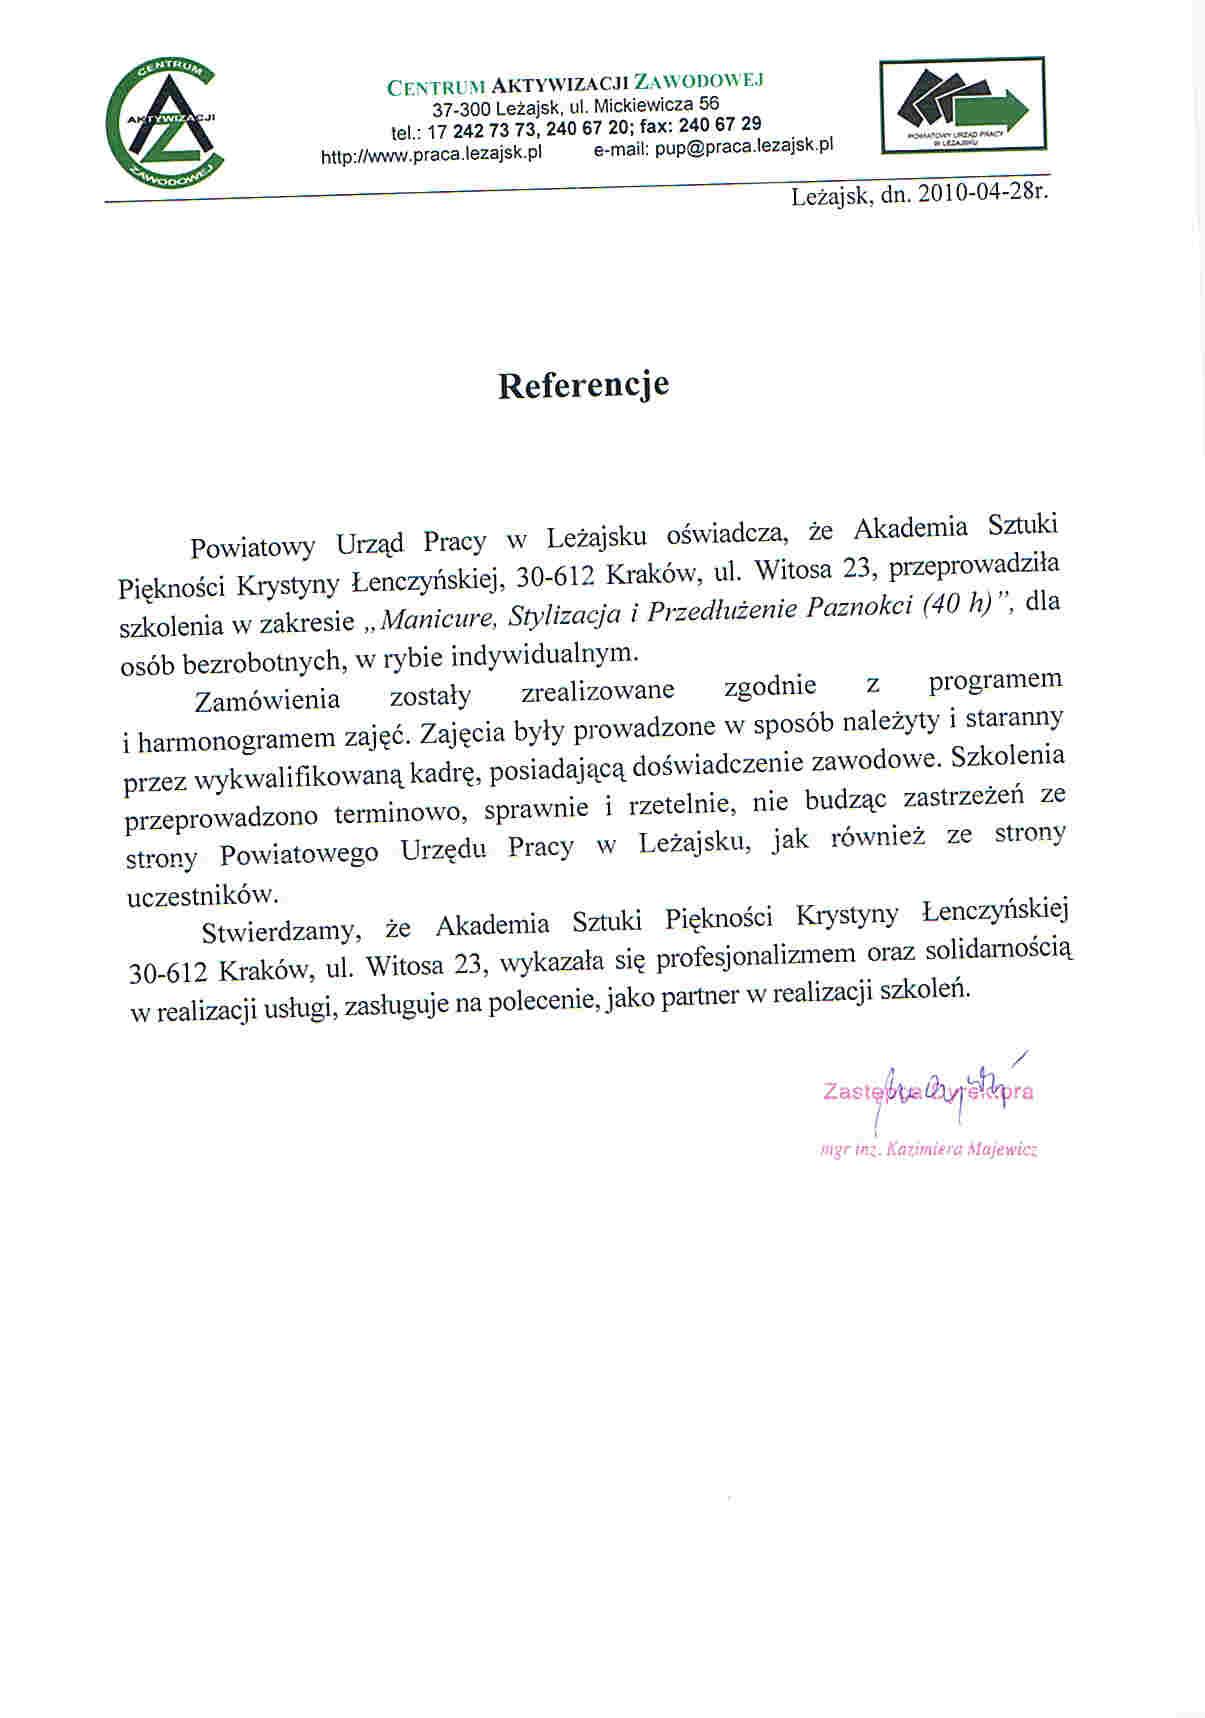 Powiatowy Urząd Pracy w Leżajsku-Leżajsk